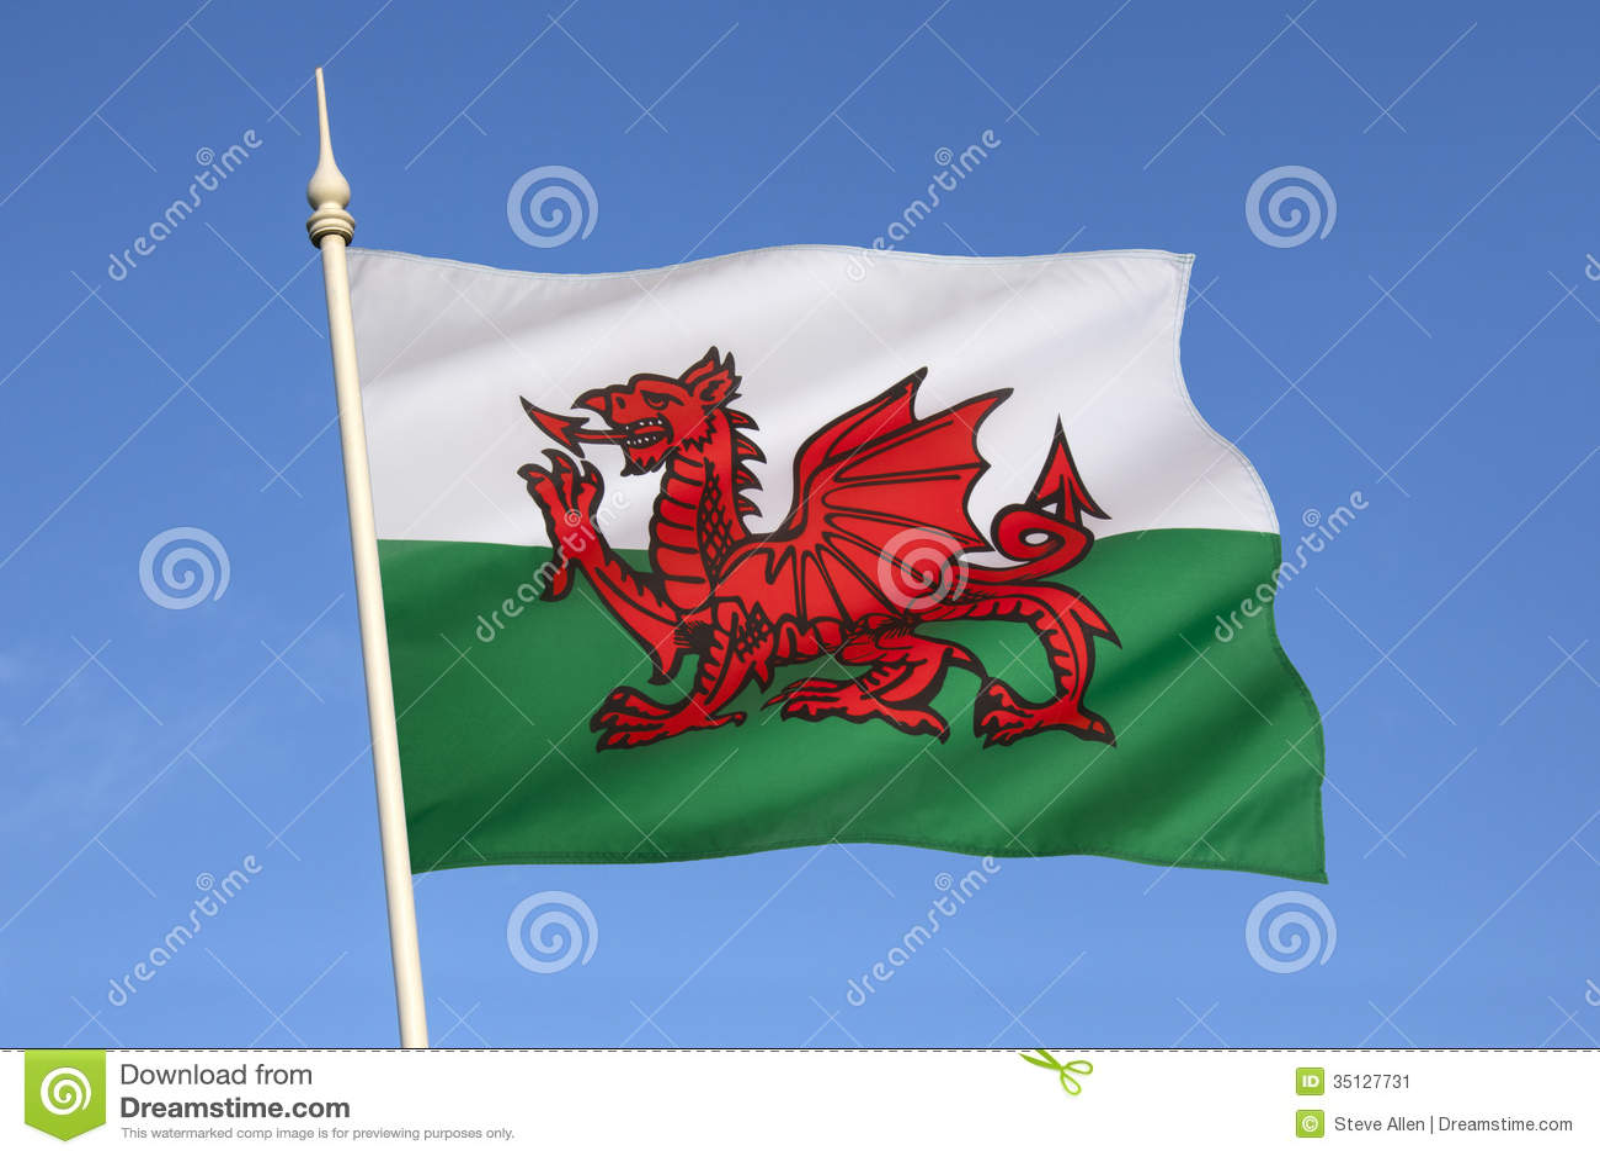 Flagge von Wales - Vereinigtem Königreich